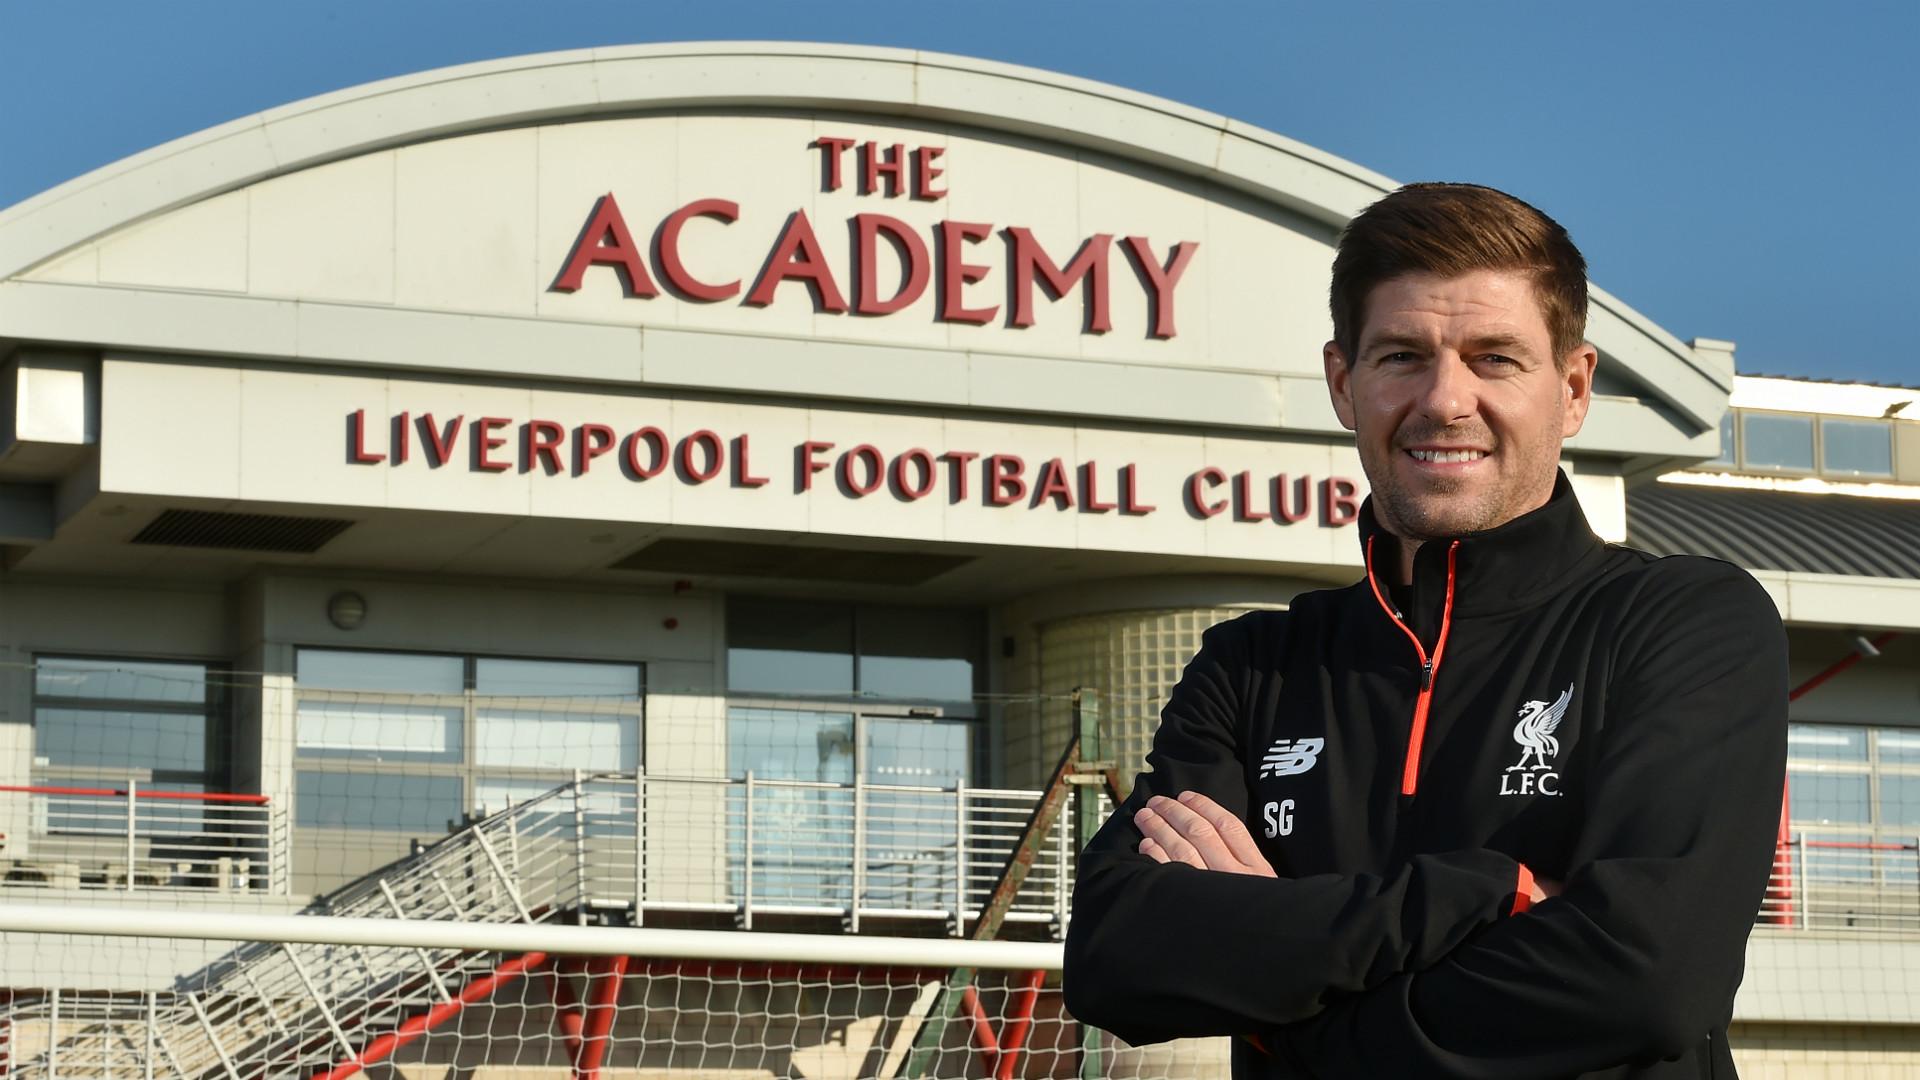 HD Steven Gerrard Liverpool